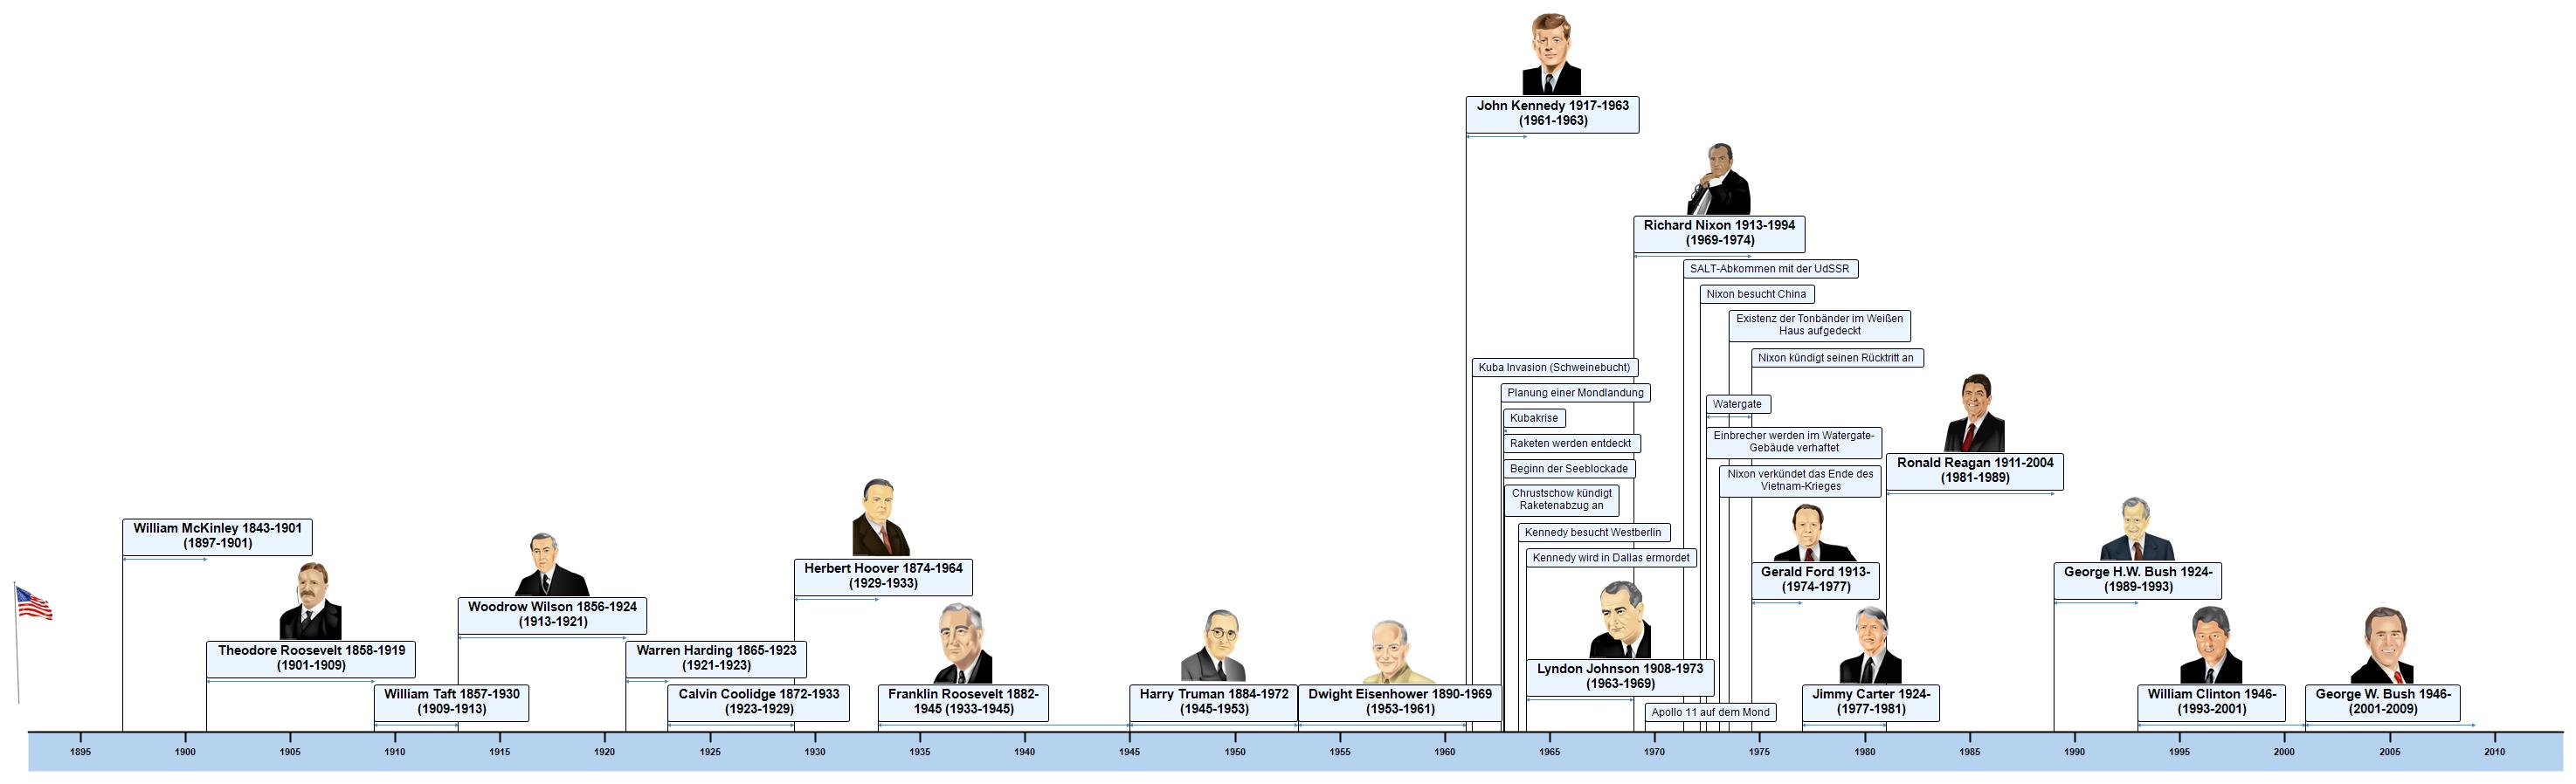 Präsidenten der USA ab 1900 Zeitleiste